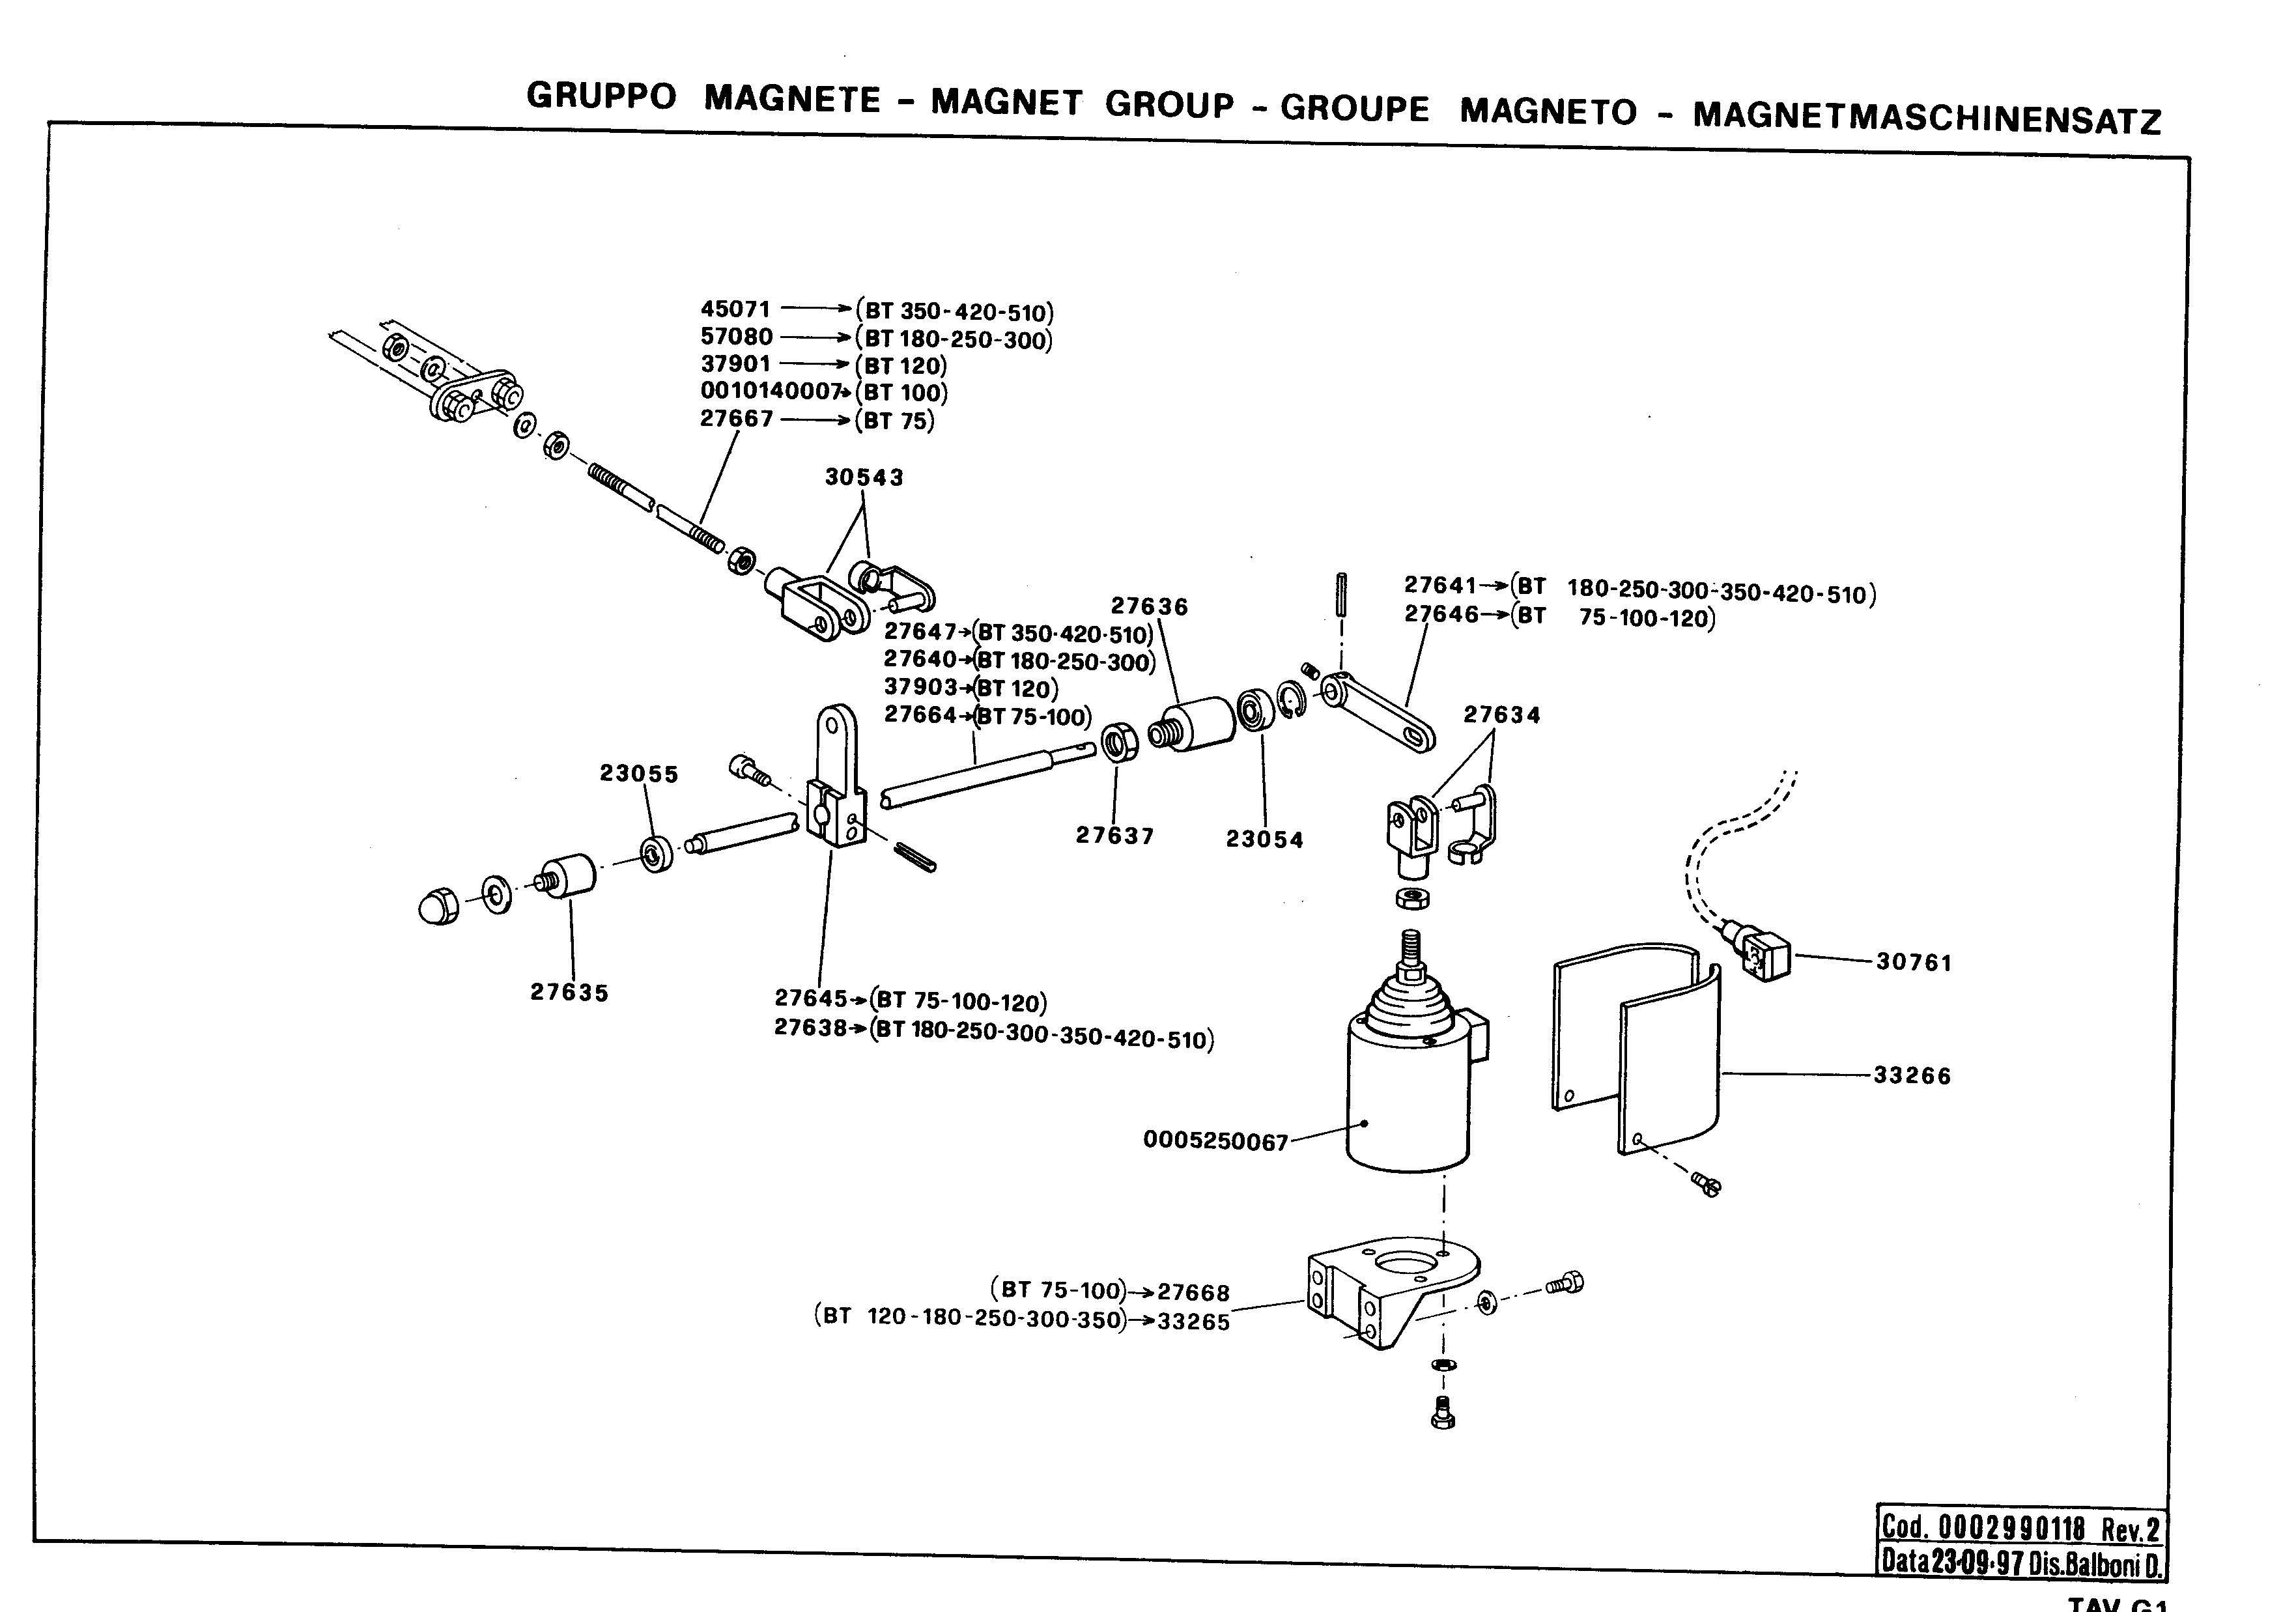 Электромагнитный привод узла распыливания G1 tavG1 2 19970923